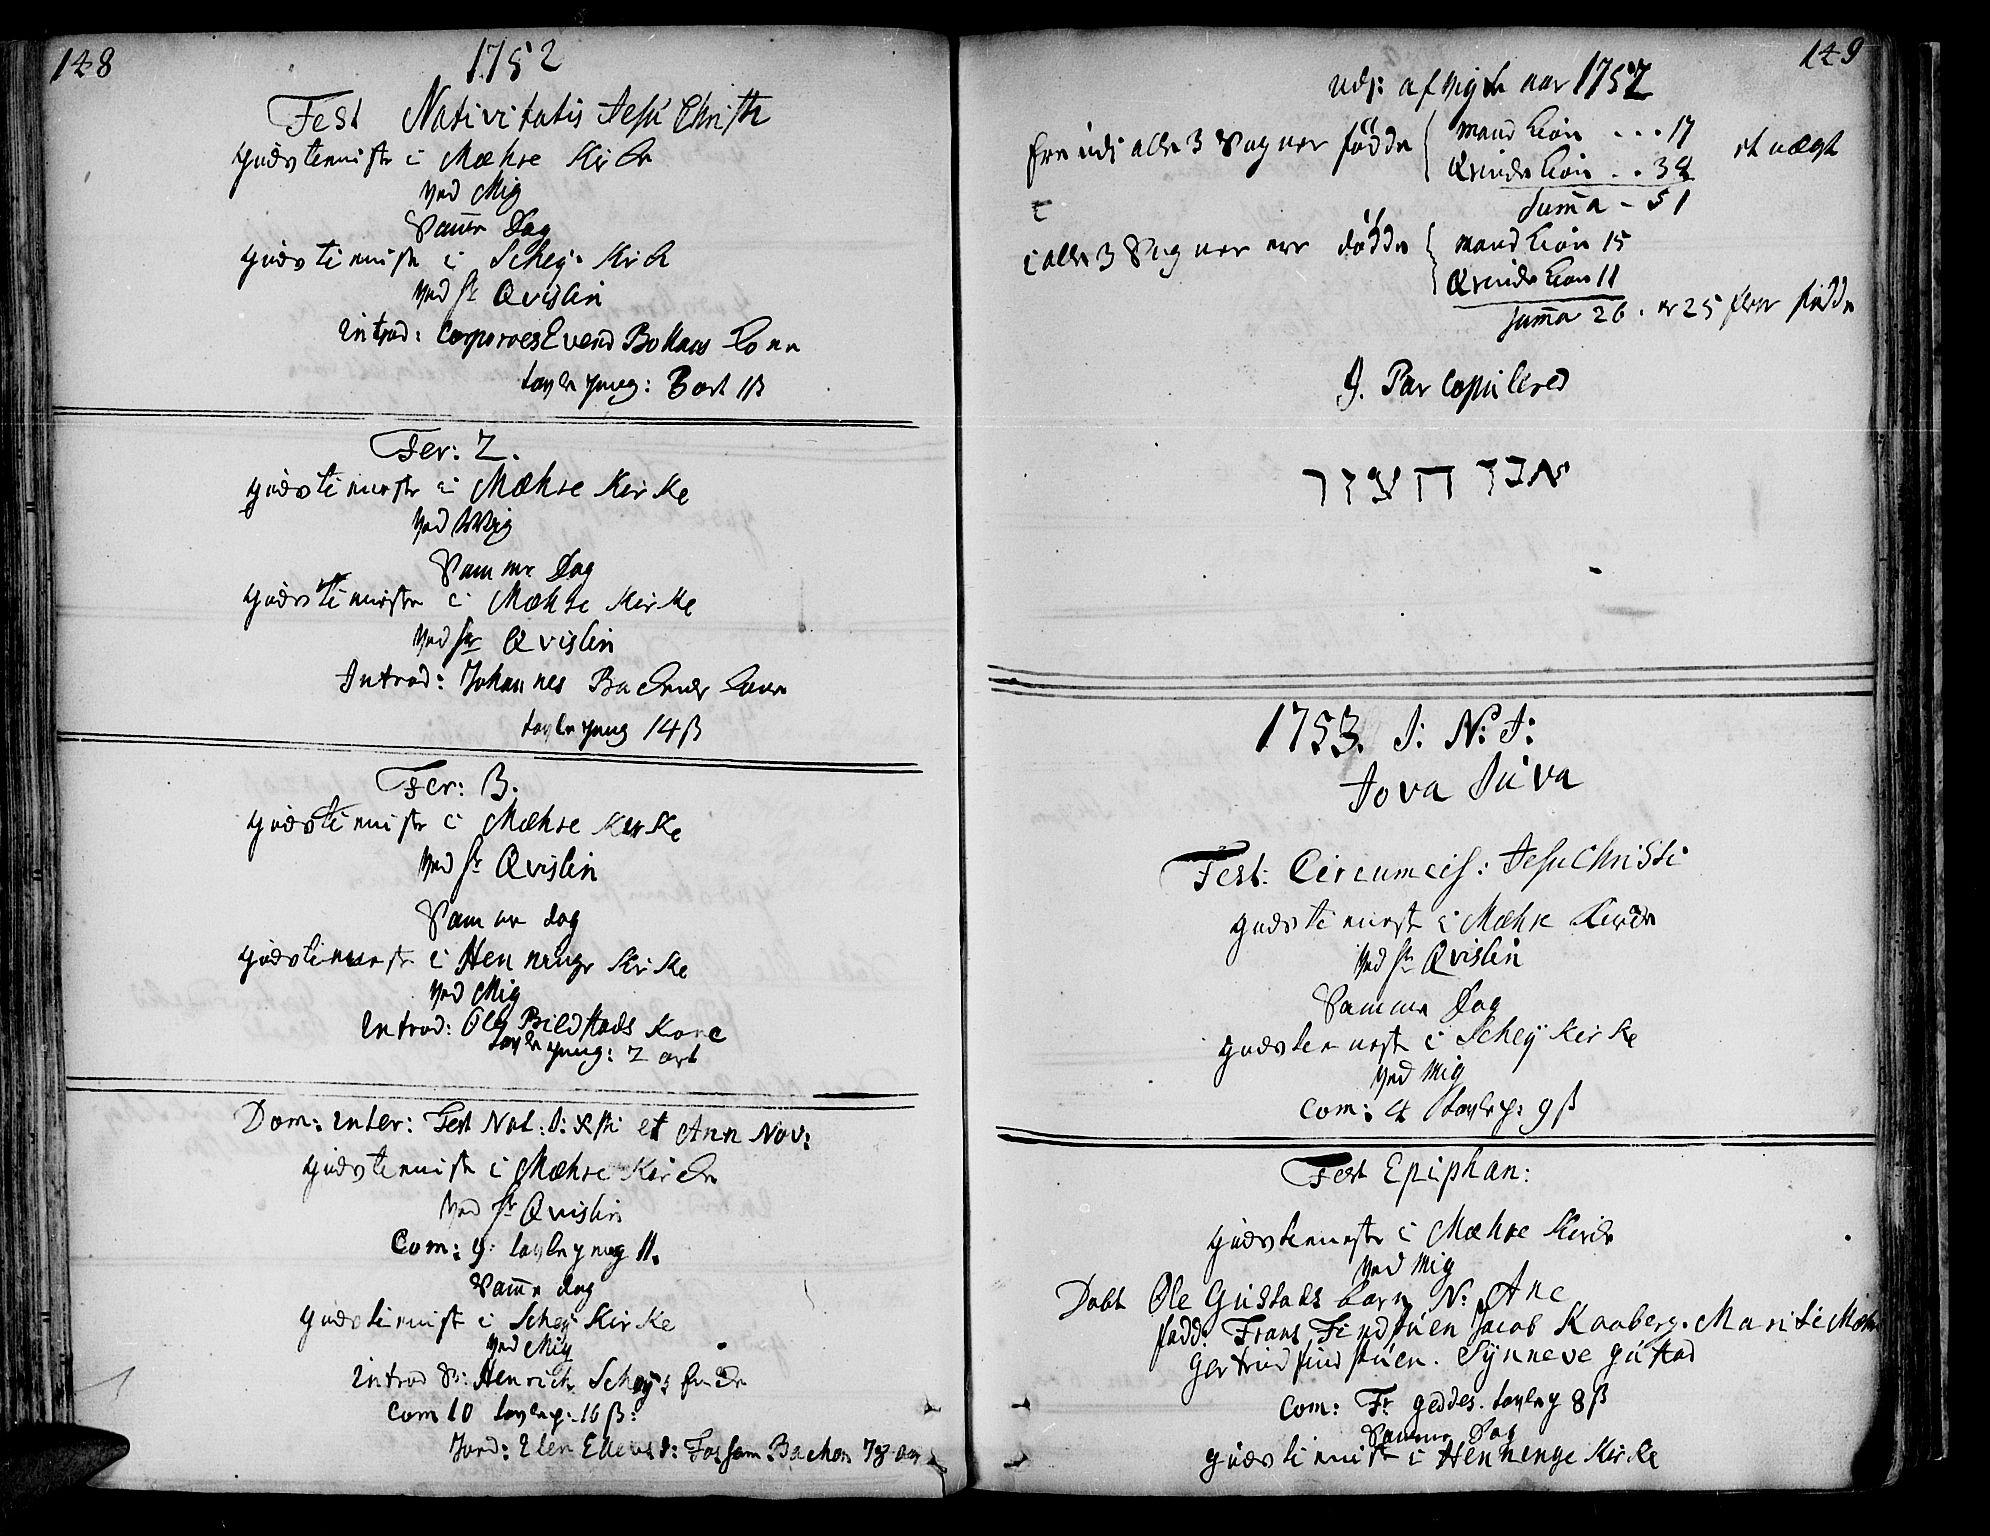 SAT, Ministerialprotokoller, klokkerbøker og fødselsregistre - Nord-Trøndelag, 735/L0330: Ministerialbok nr. 735A01, 1740-1766, s. 148-149